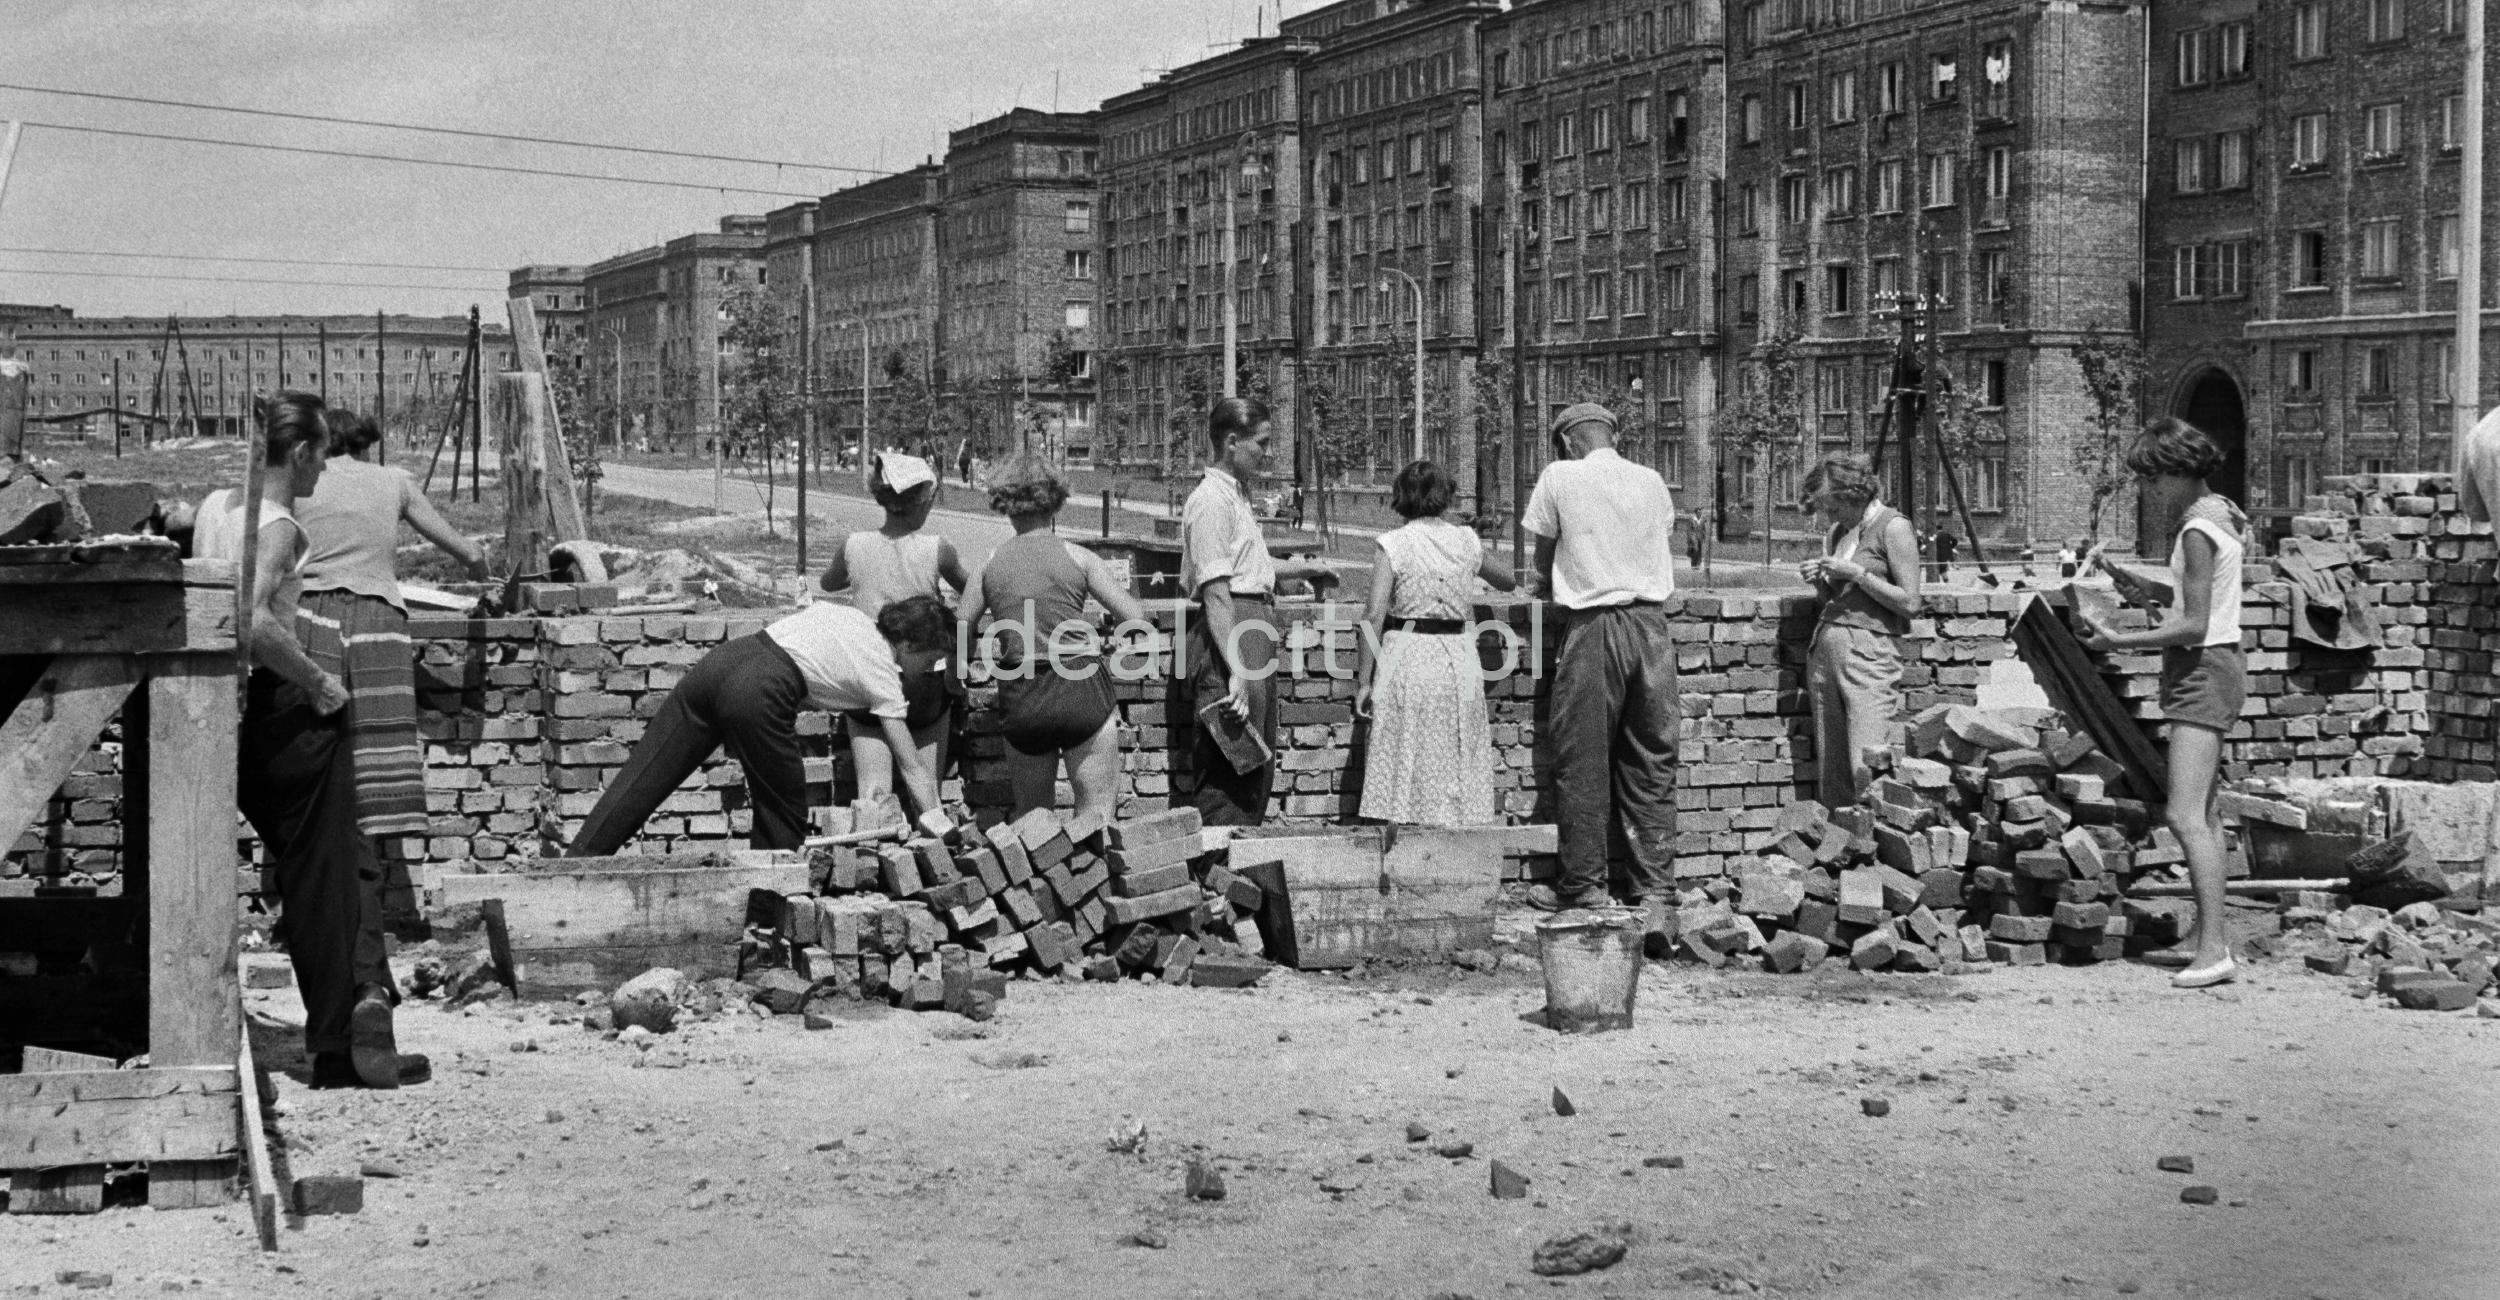 Grupa kobiet i mężczyzn w koszulach pracuje wzdłuż niewysokiego muru, w tle zabudowa mieszkalna.